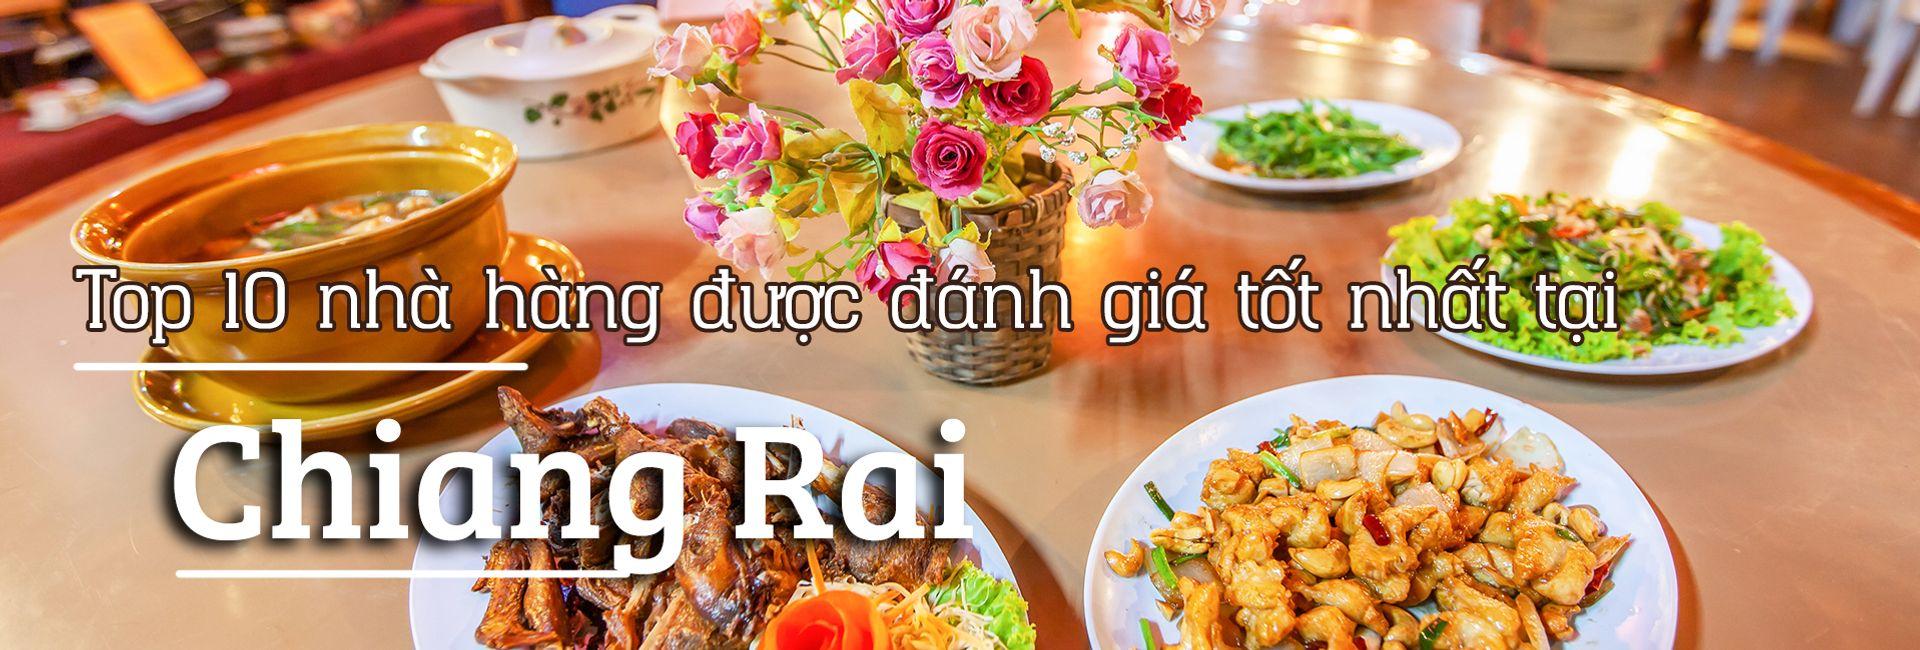 Top 10 nhà hàng được đánh giá tốt nhất tại Chiang Rai